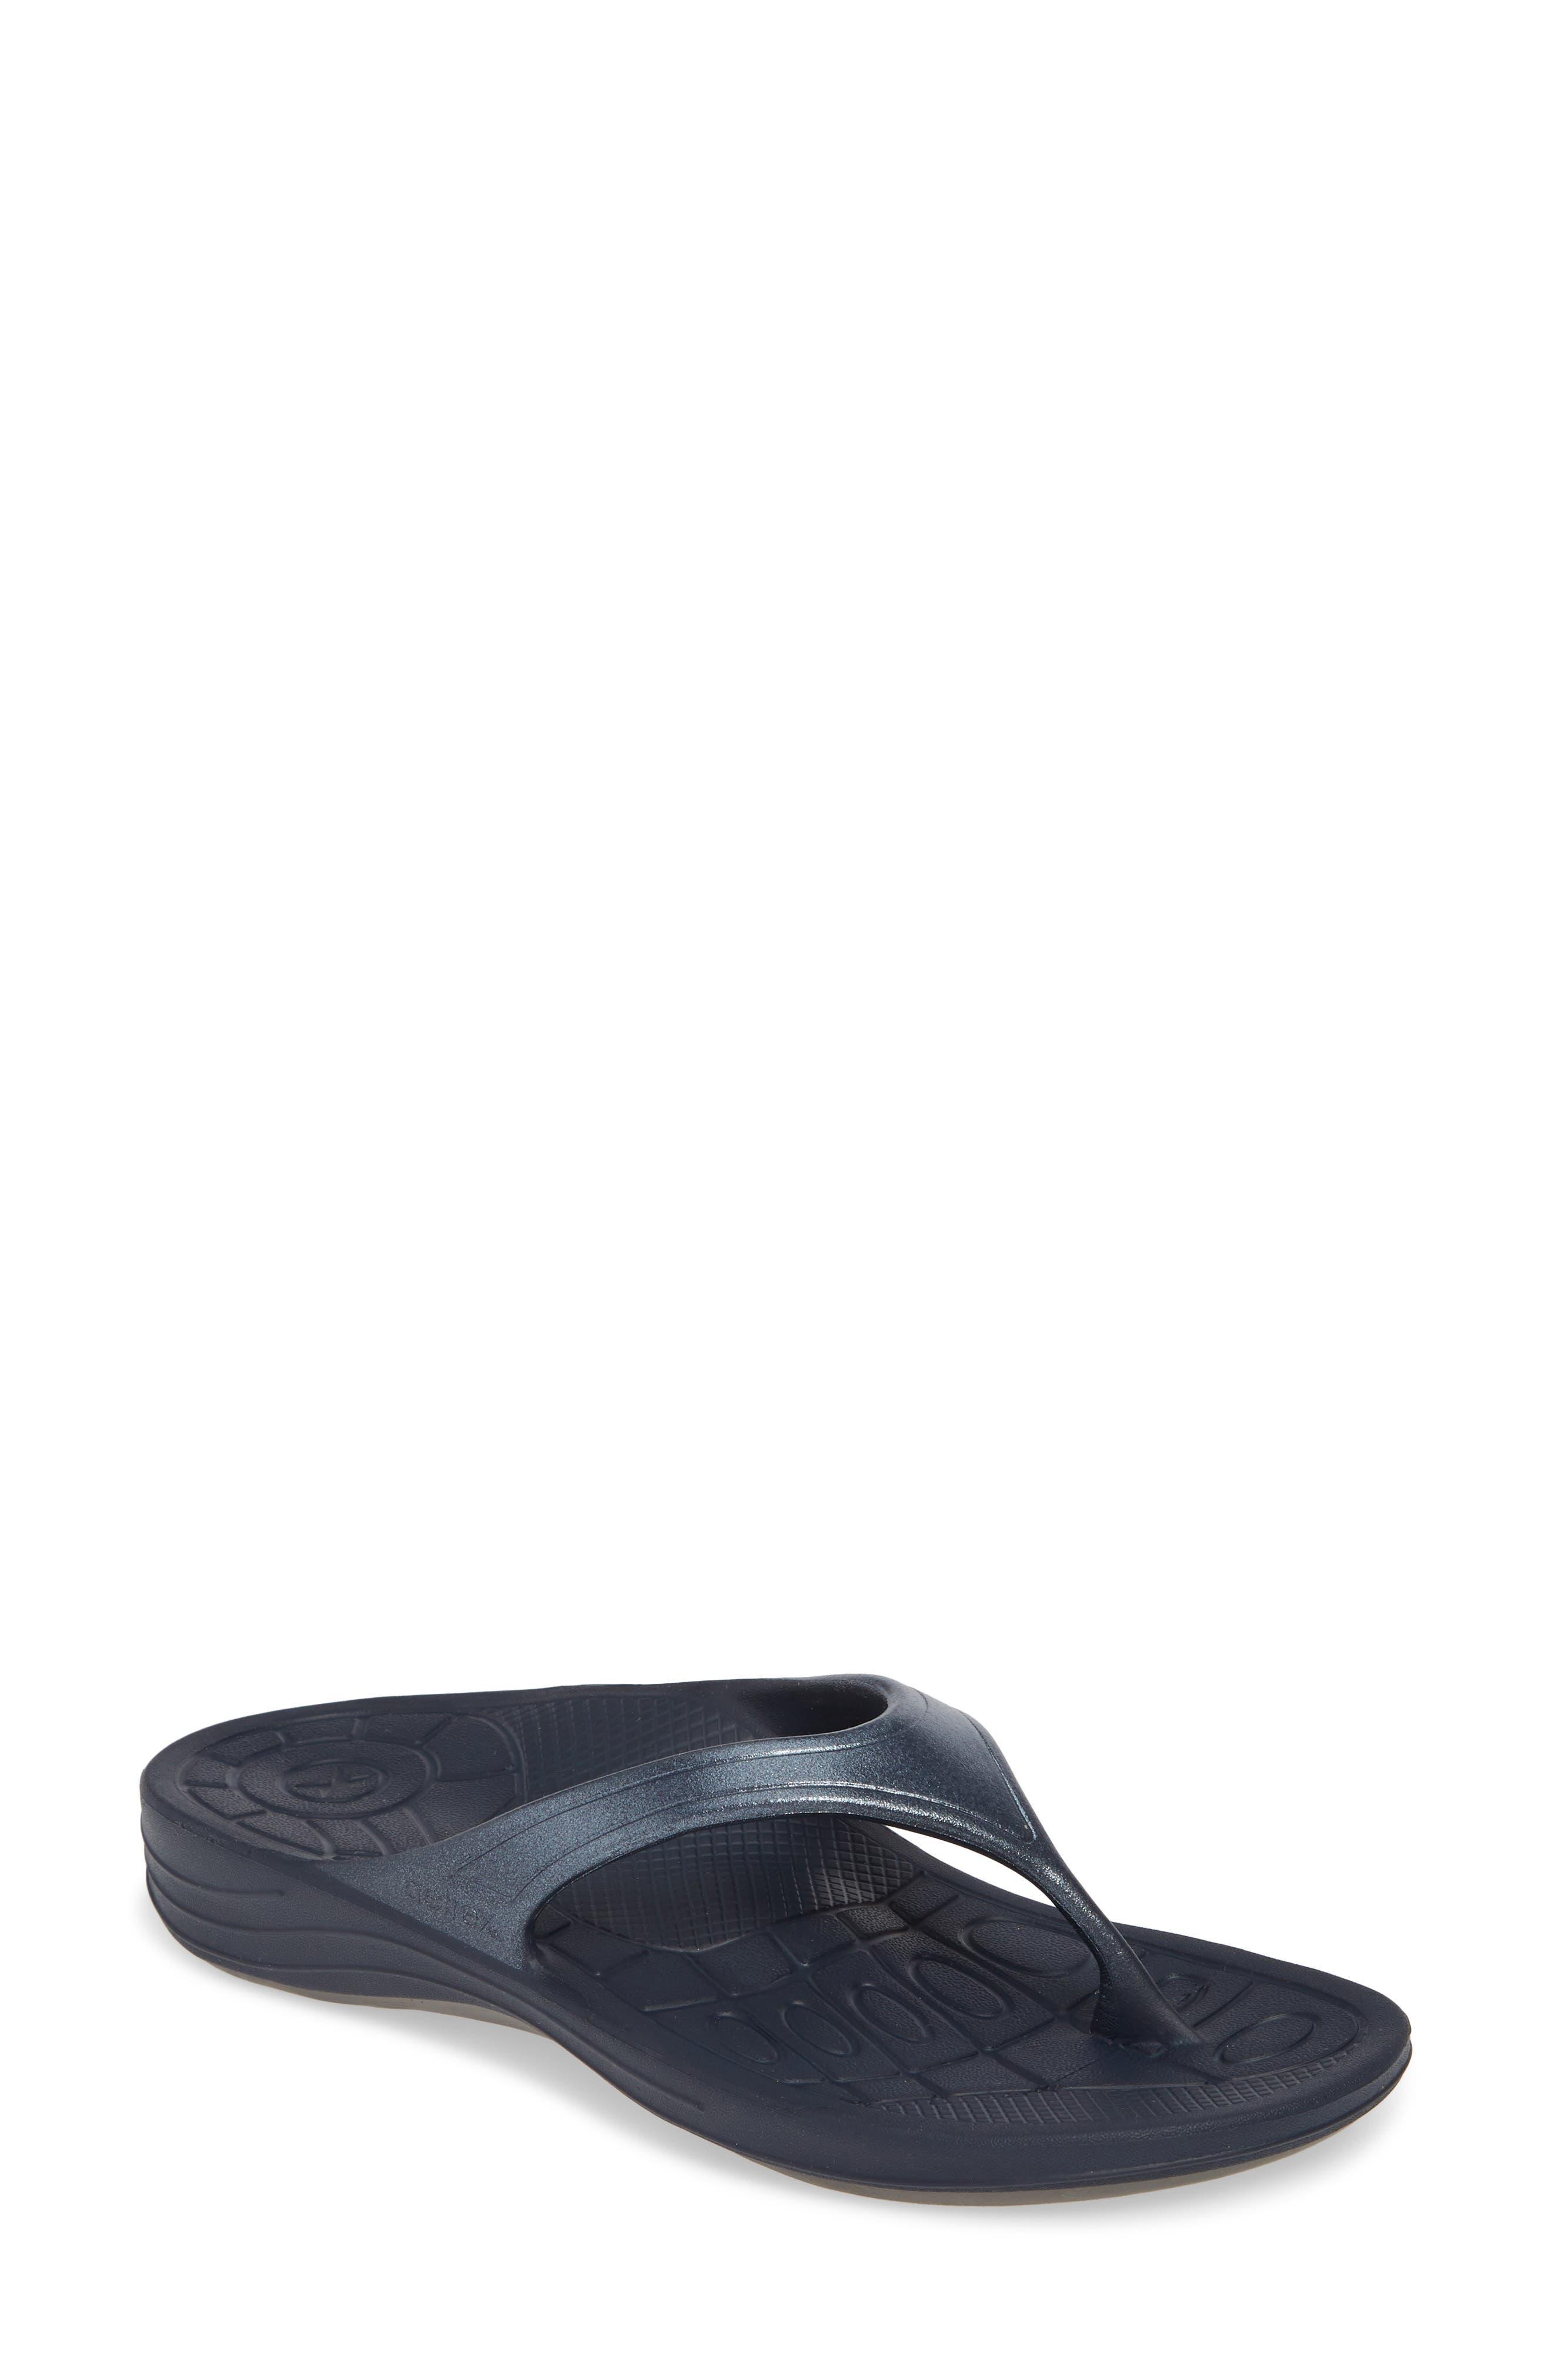 Aetrex Fiji Flip Flop, Blue